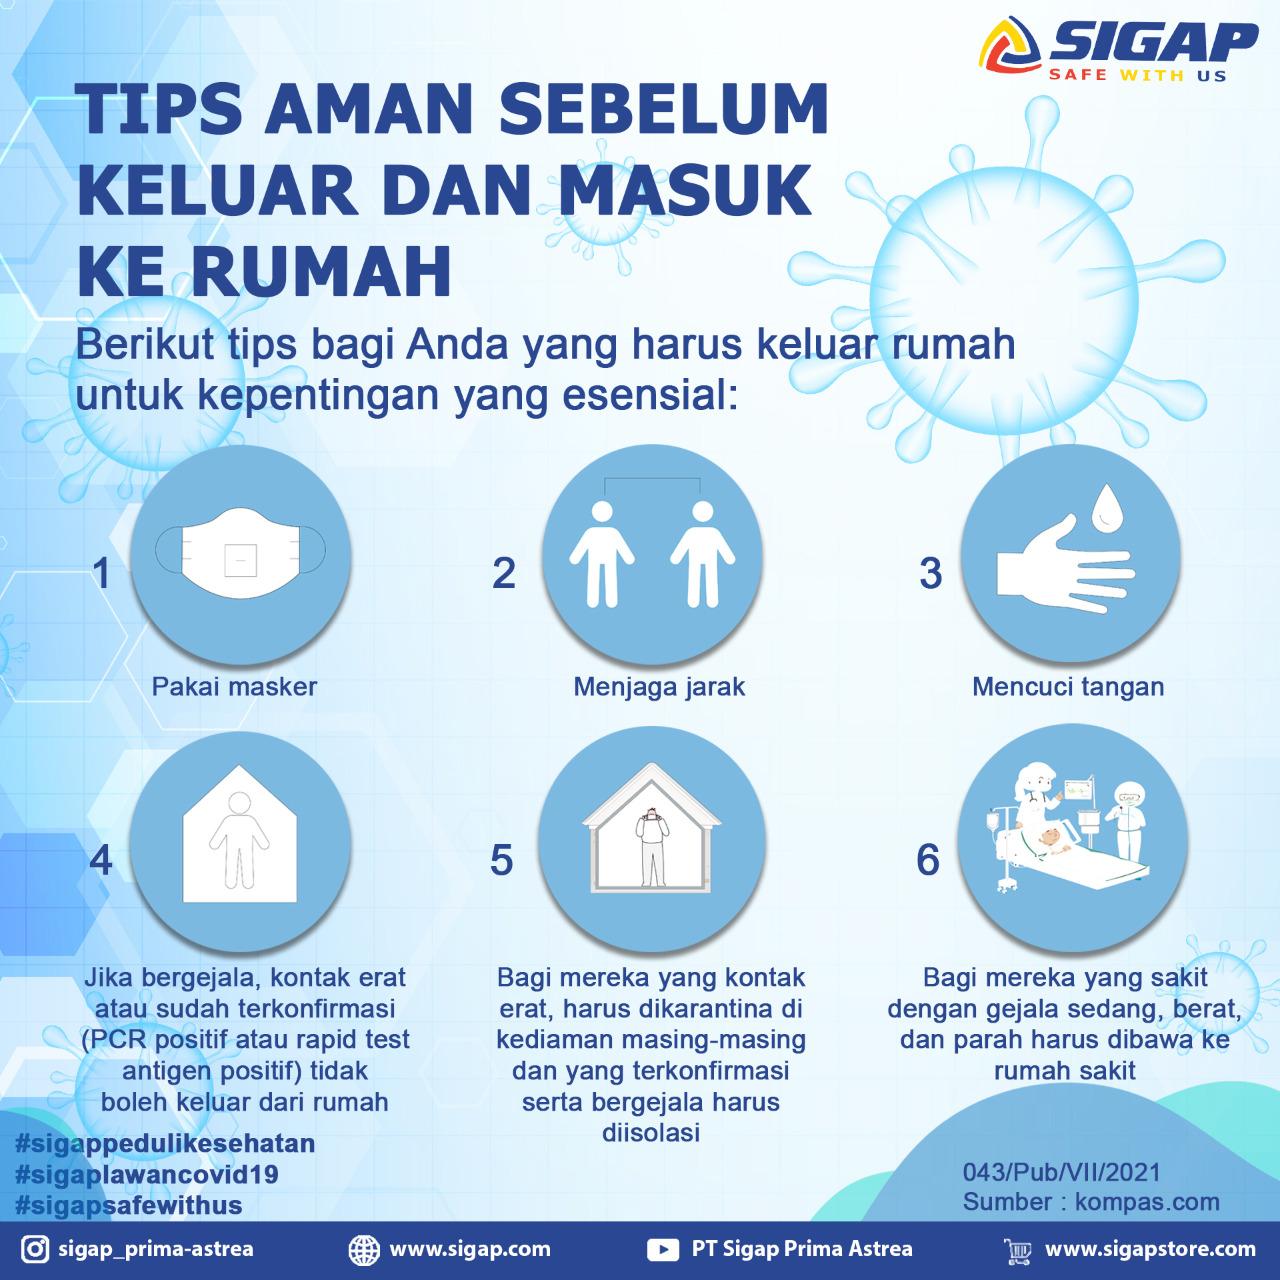 Tips Aman Seblum Keluar Rumah